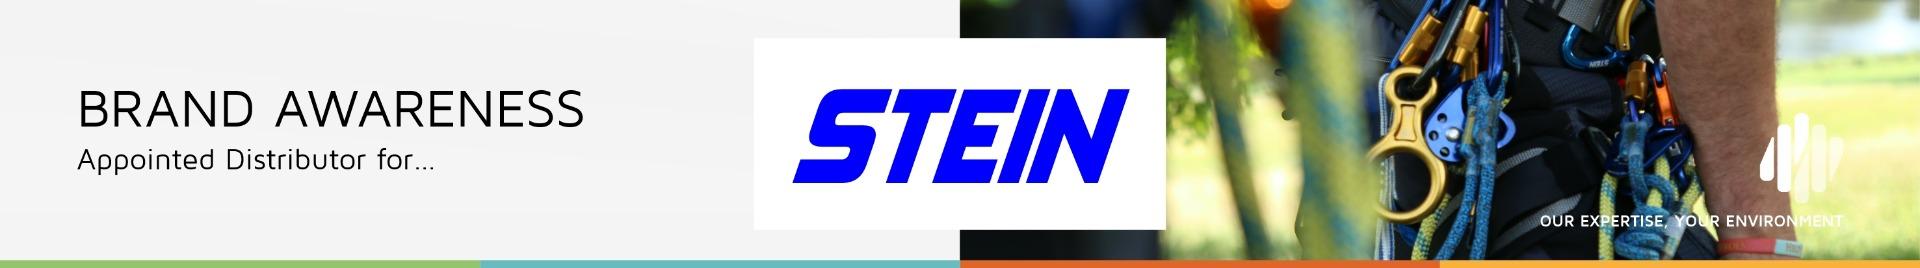 STEIN Banner